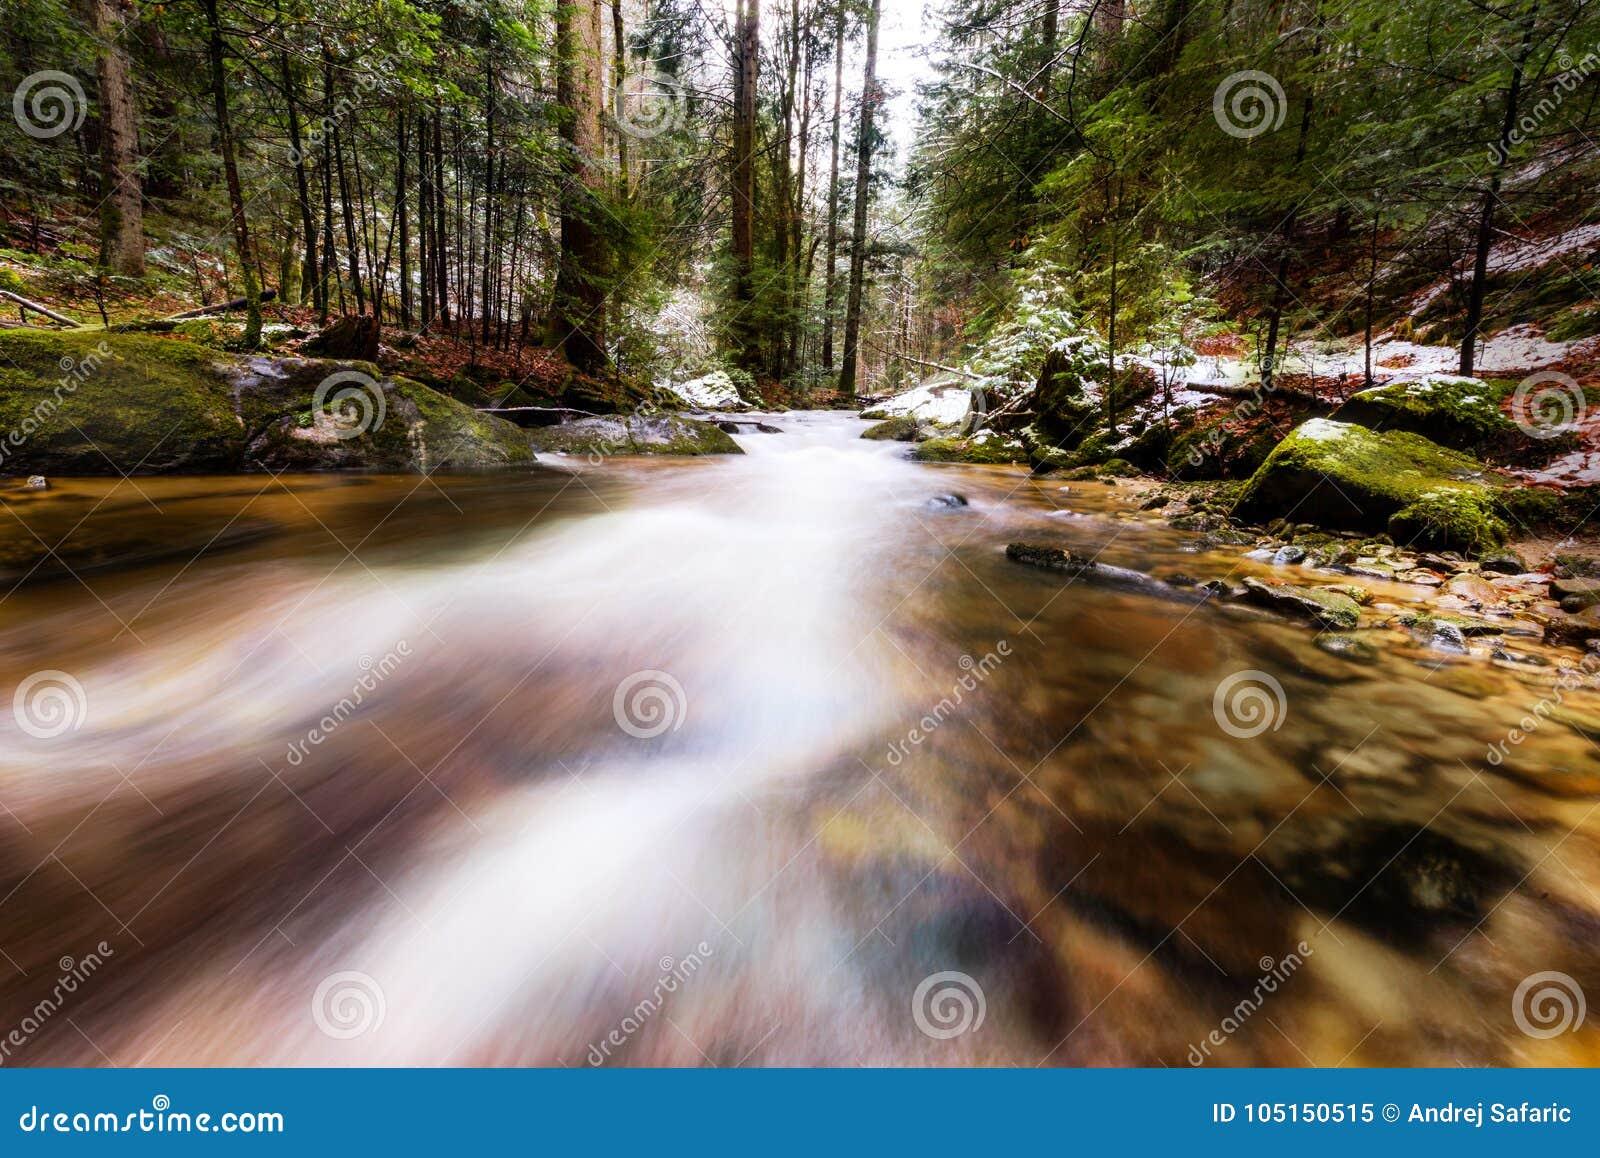 Река горы, поток, заводь с речными порогами в последней осени, предыдущей зиме с снегом, vintgar ущелье, Словения